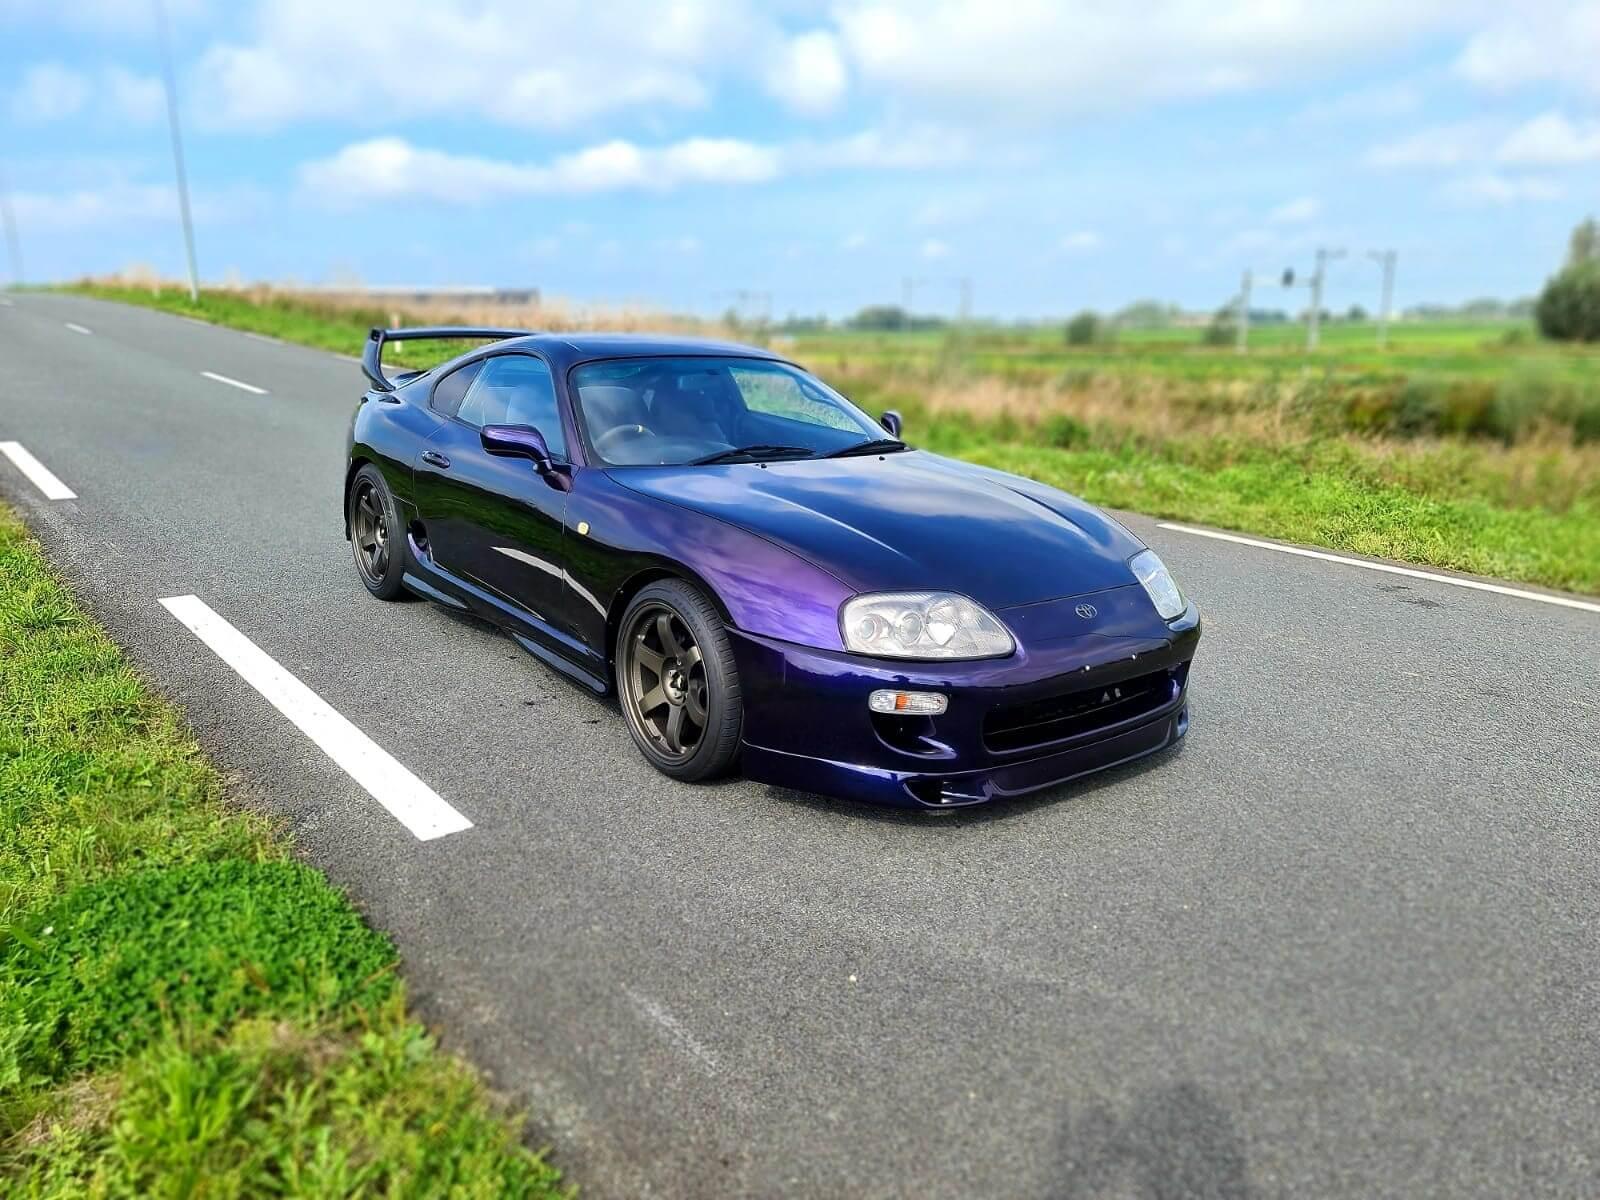 Toyota-Supra-Non-Turbo-W58-5-Speed-13